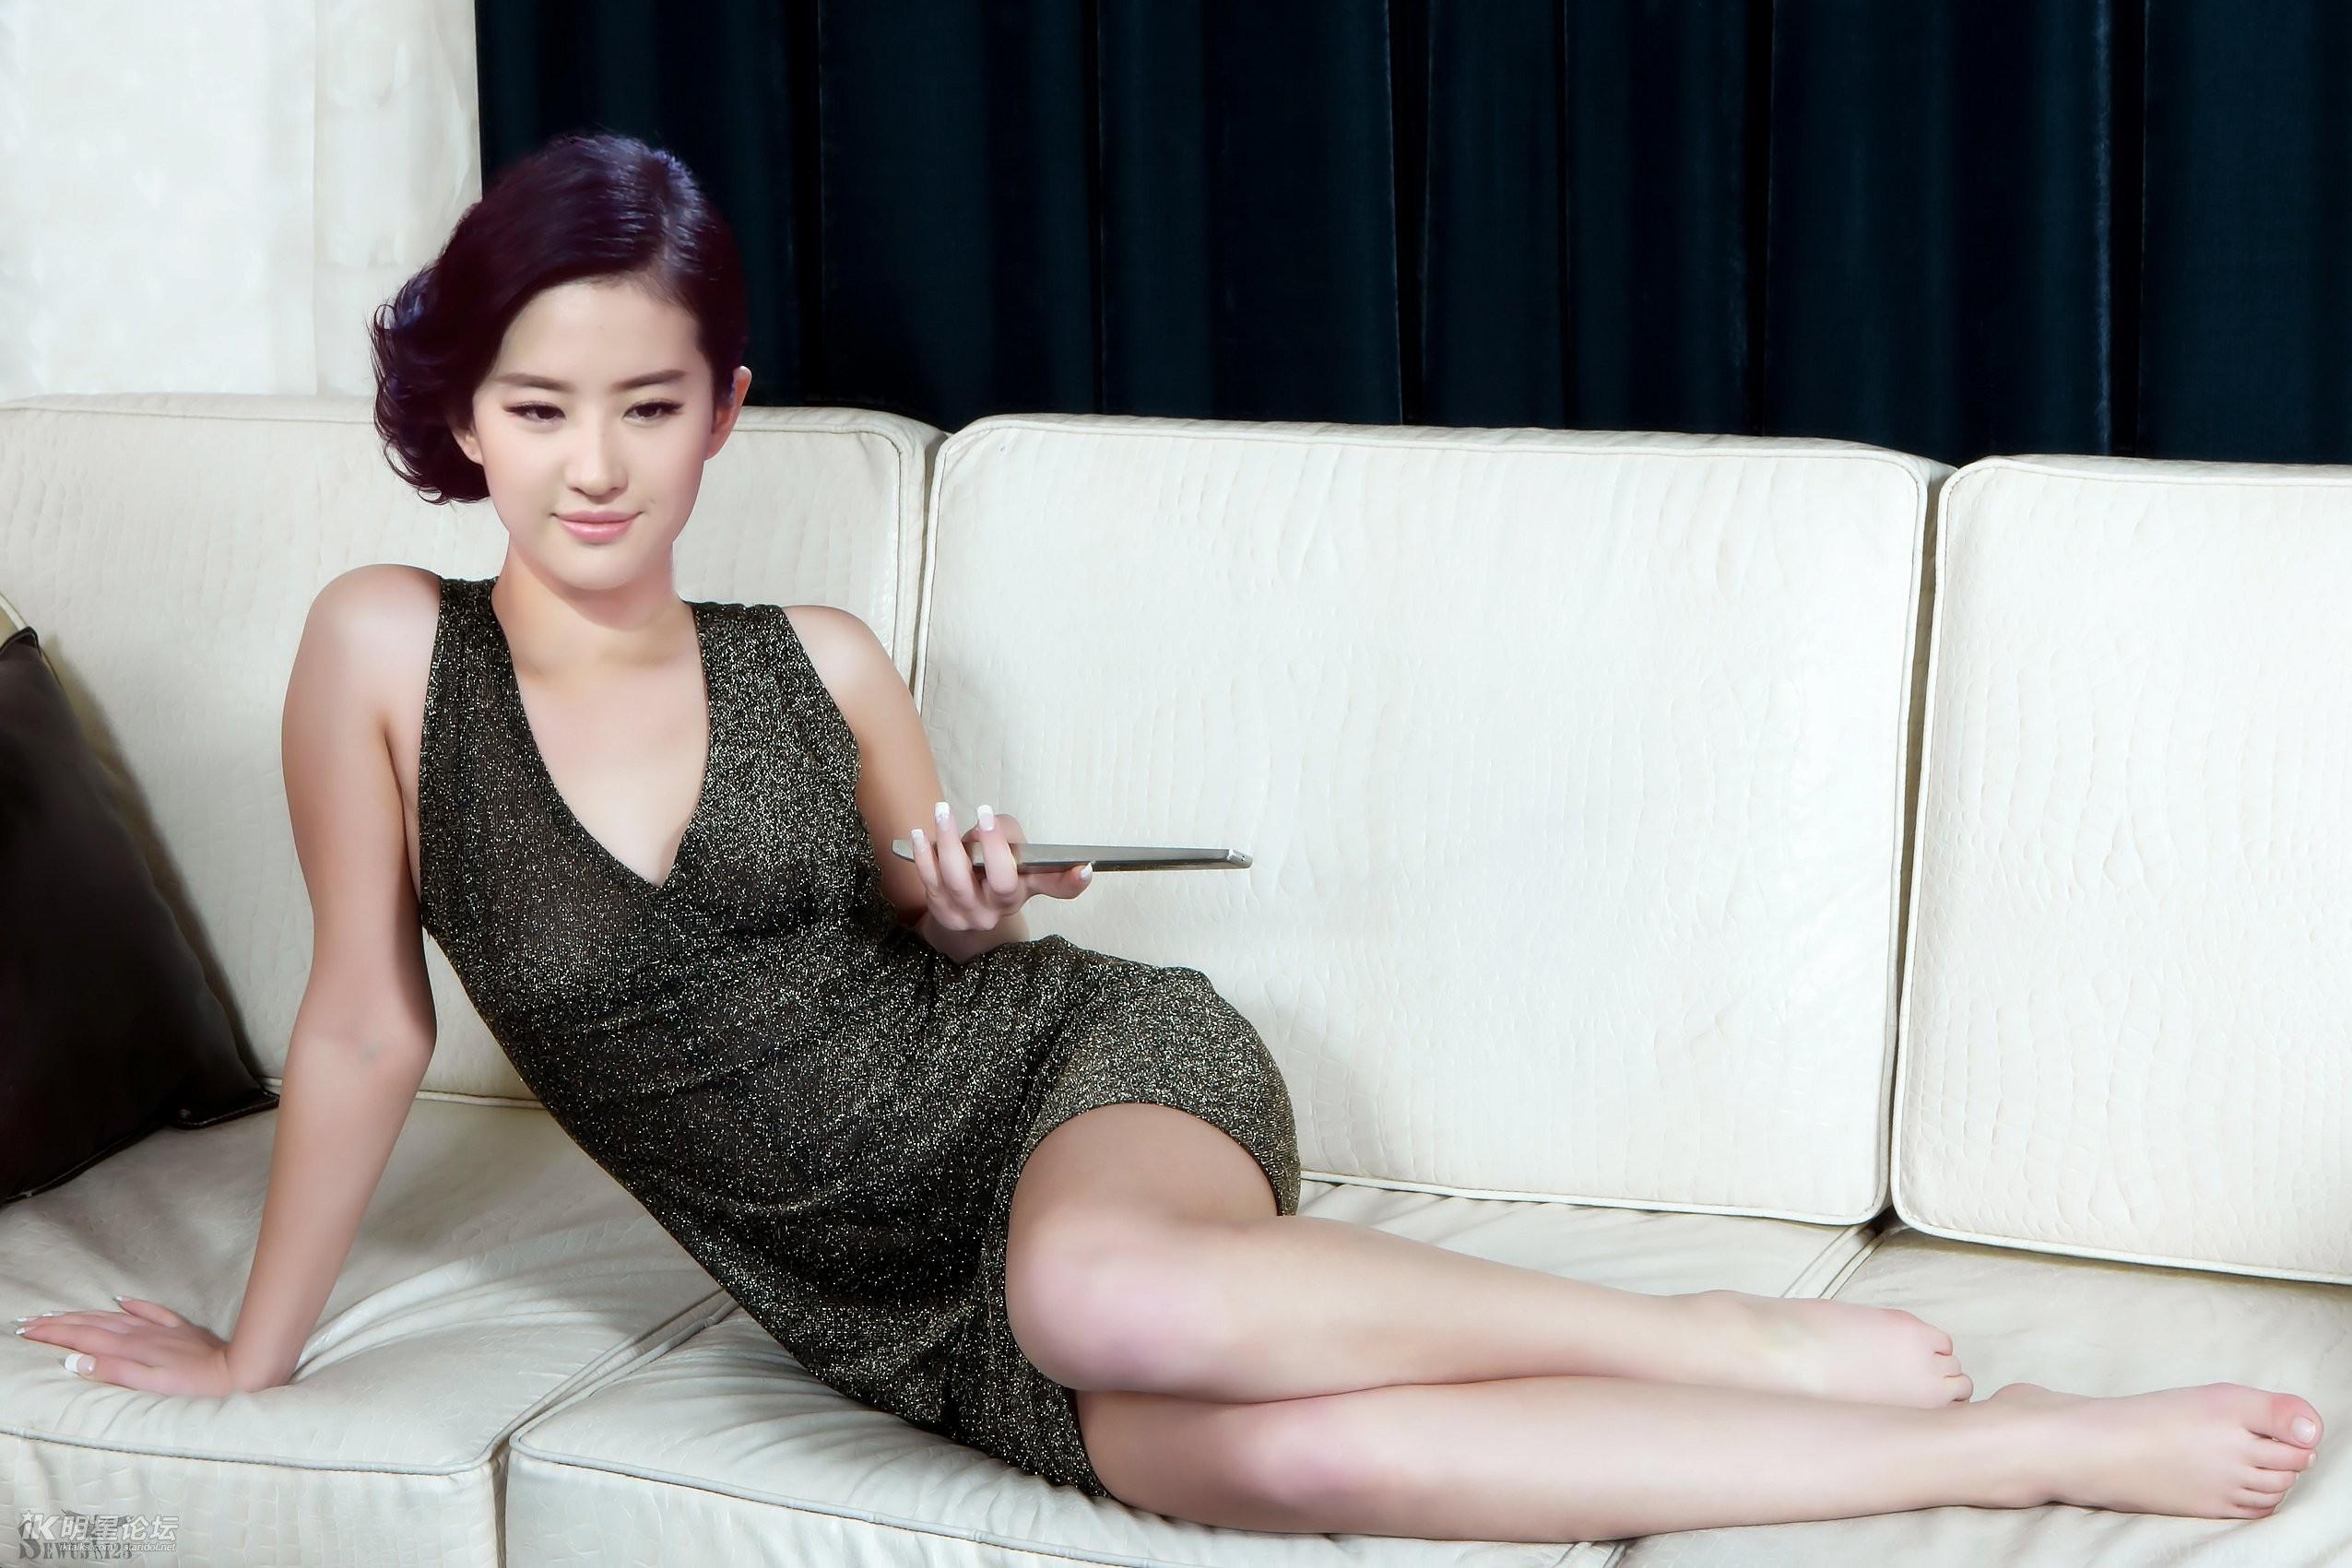 明星合成图77论坛_明星合成激情图(39)【17P】 - 亚洲性爱 - 福利社区